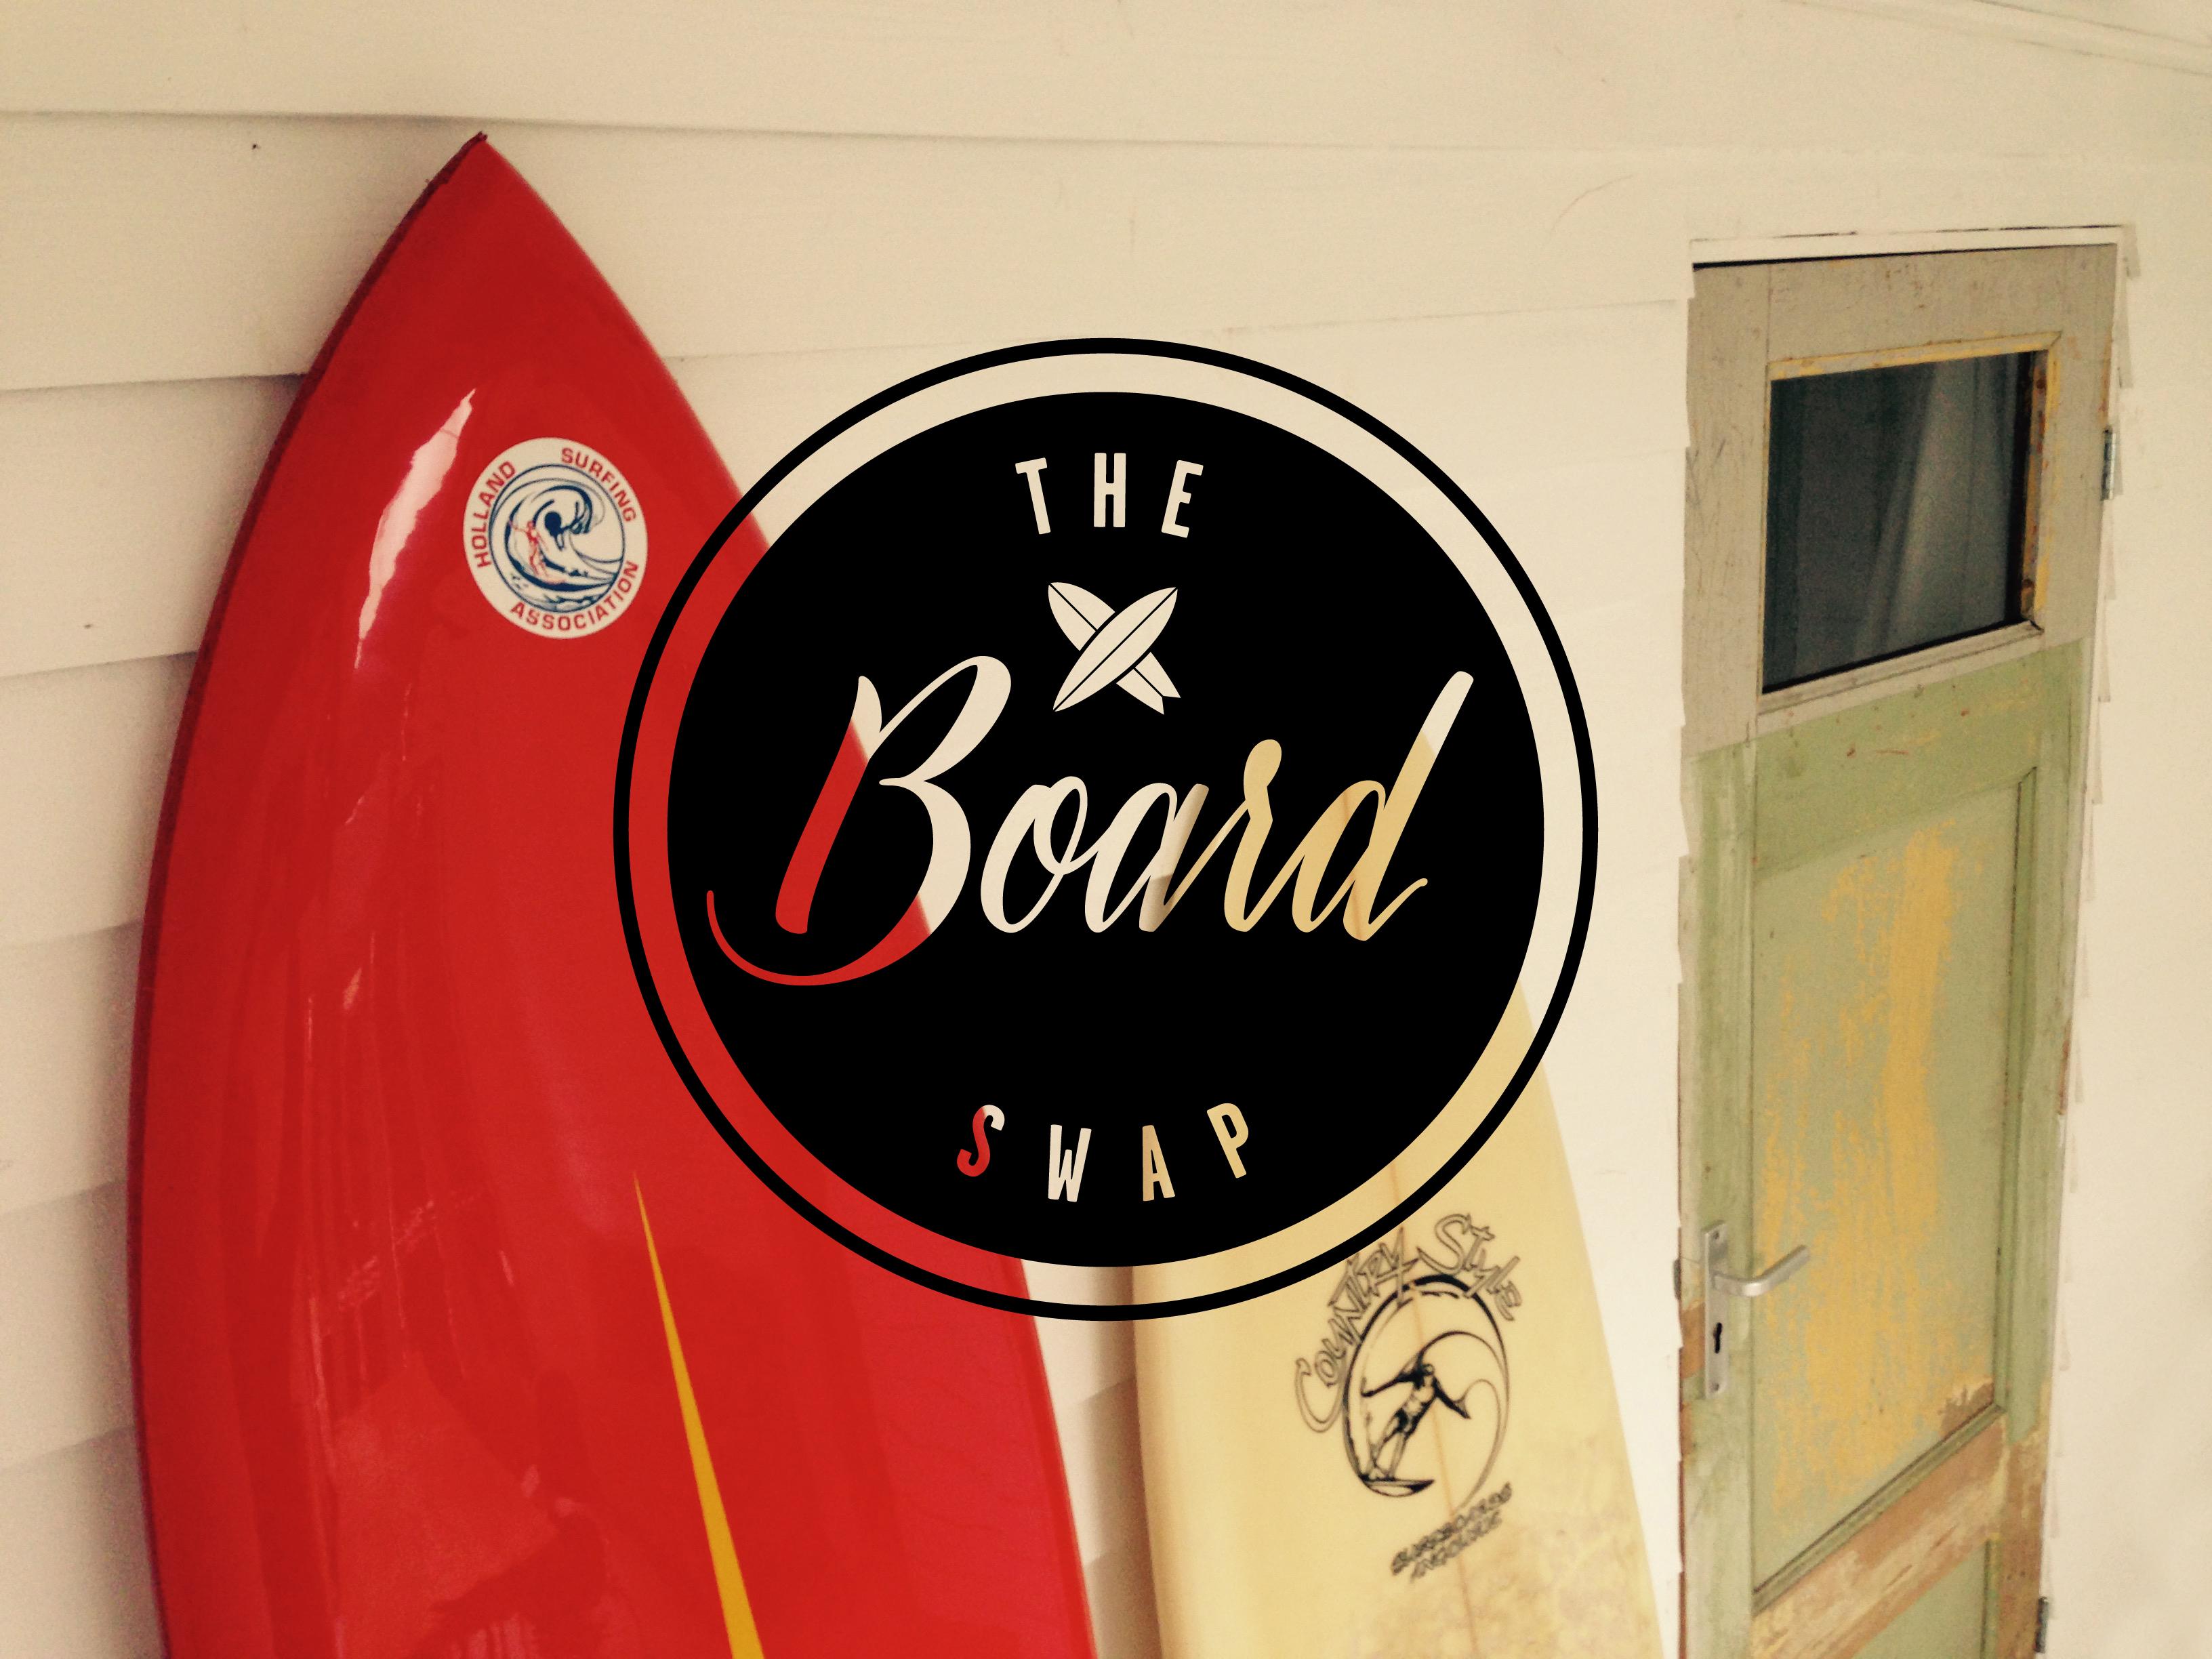 The Board Swap